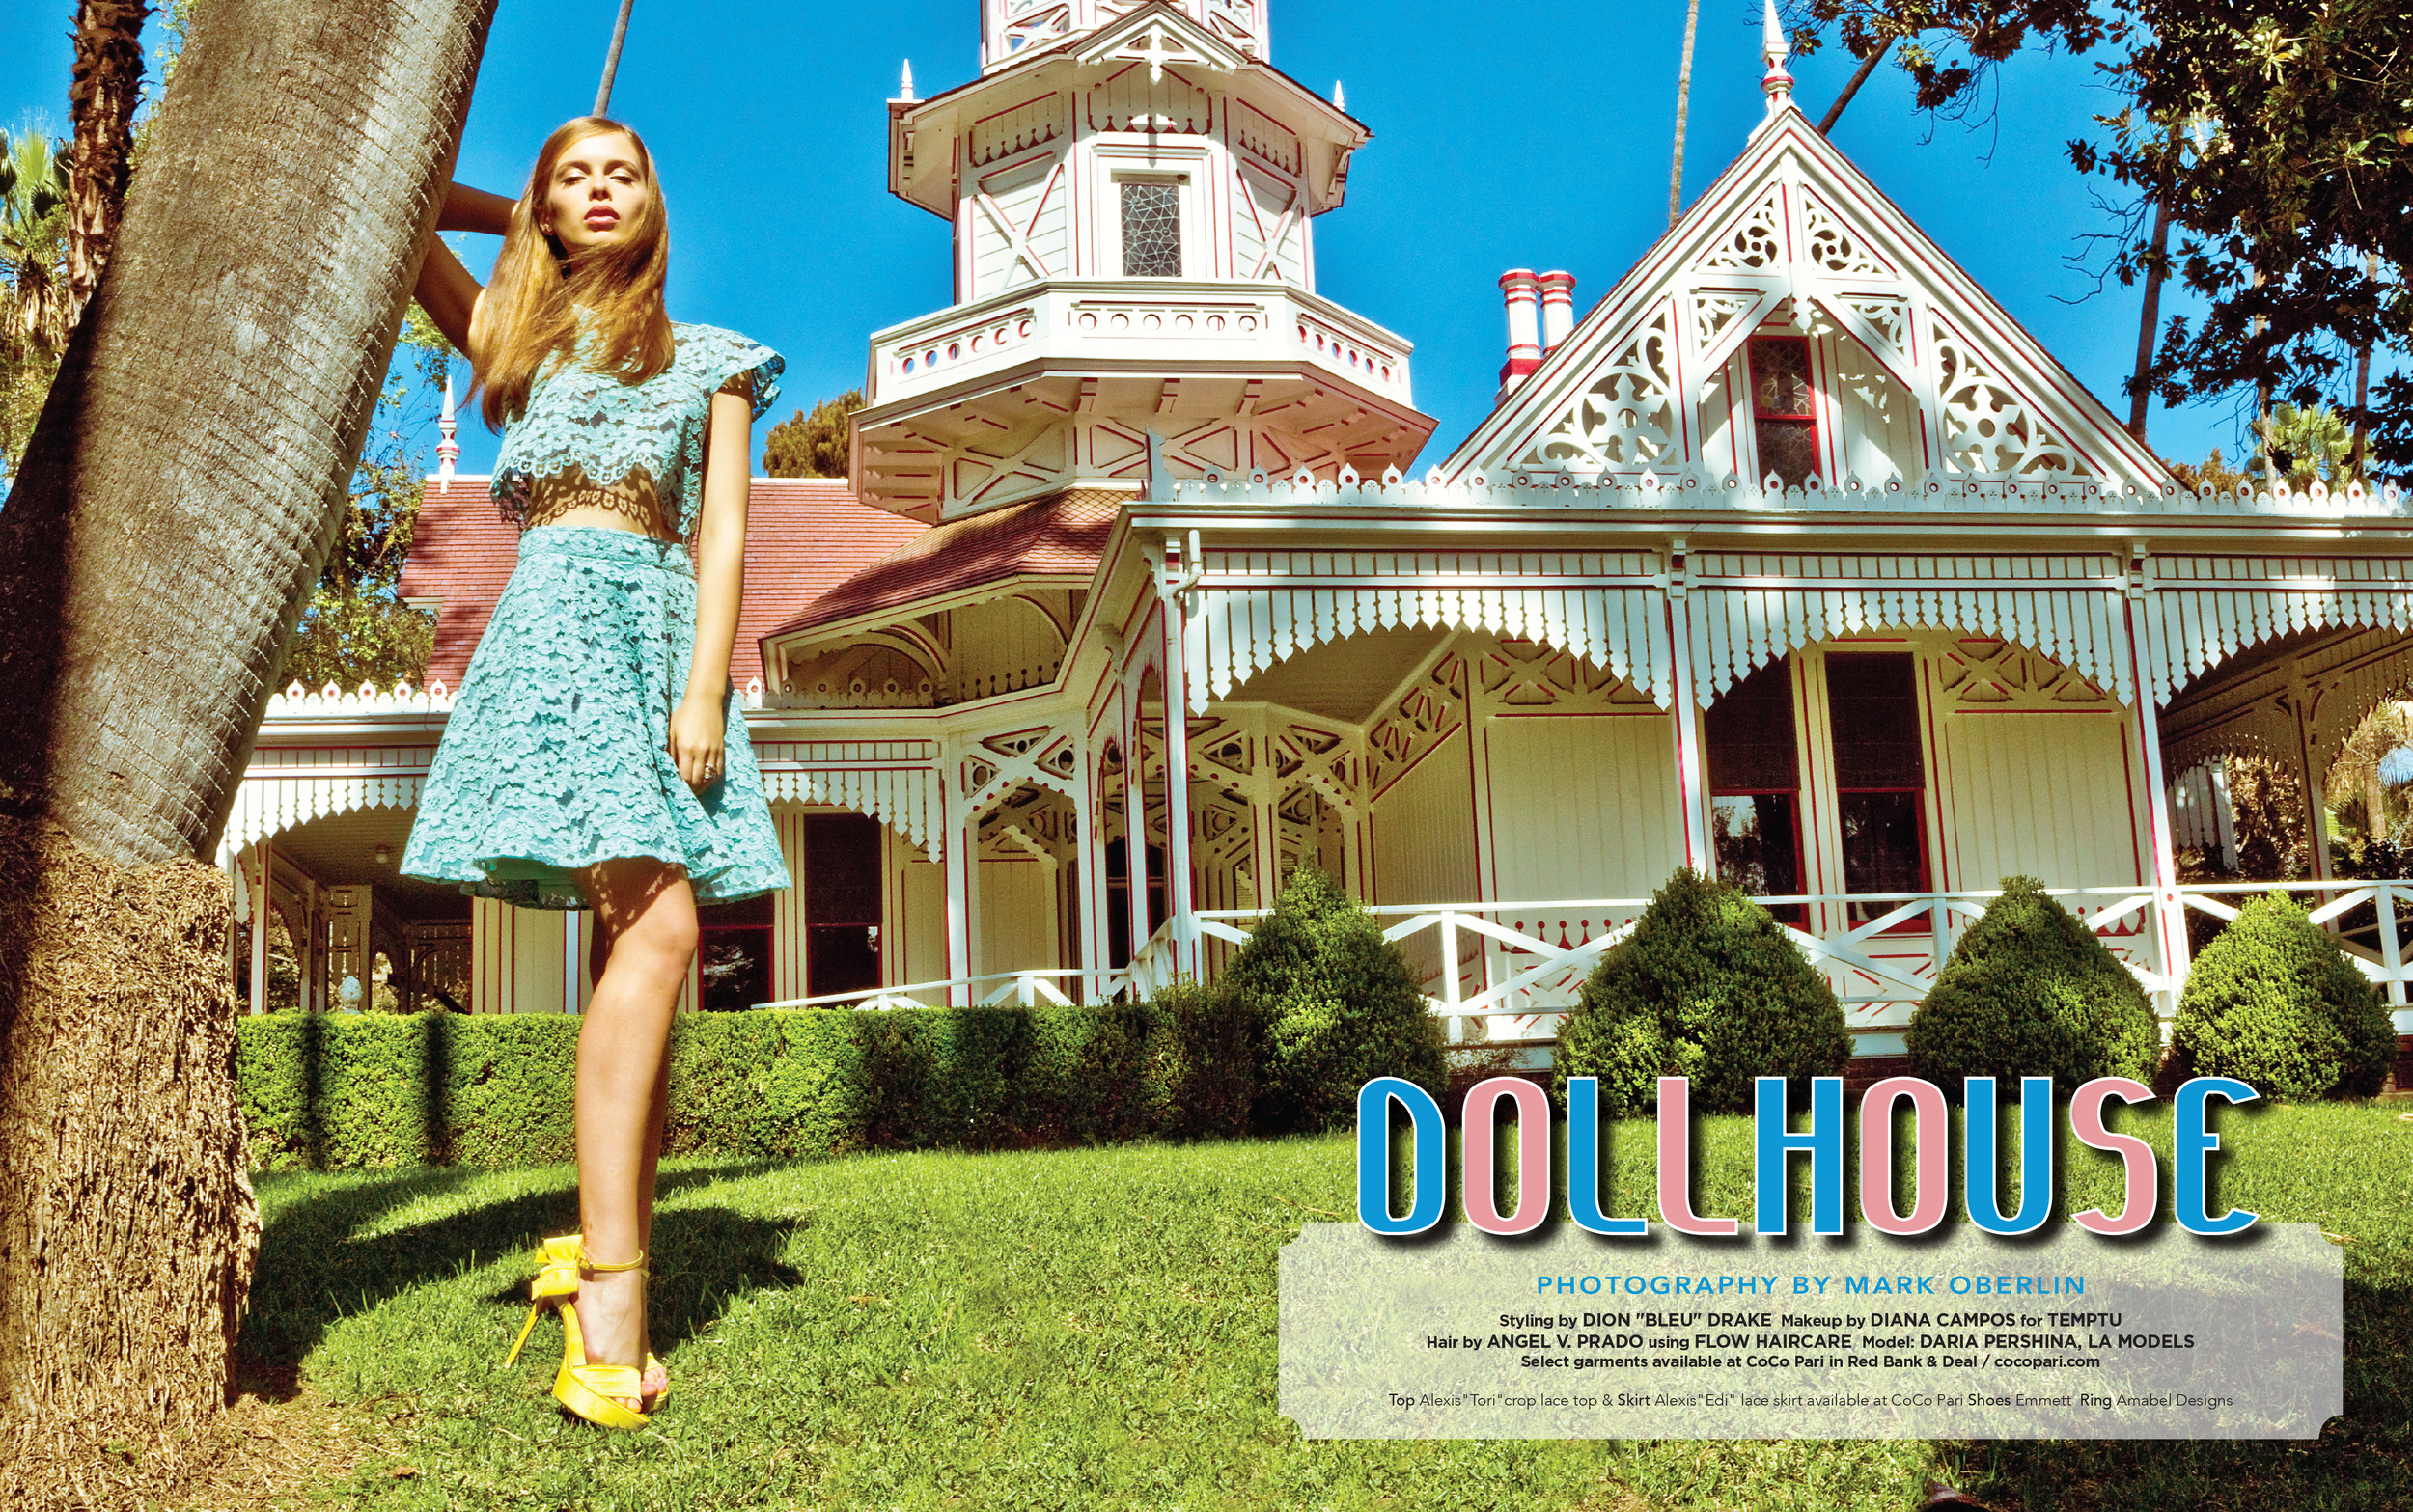 A_Dollhouse-2.jpg